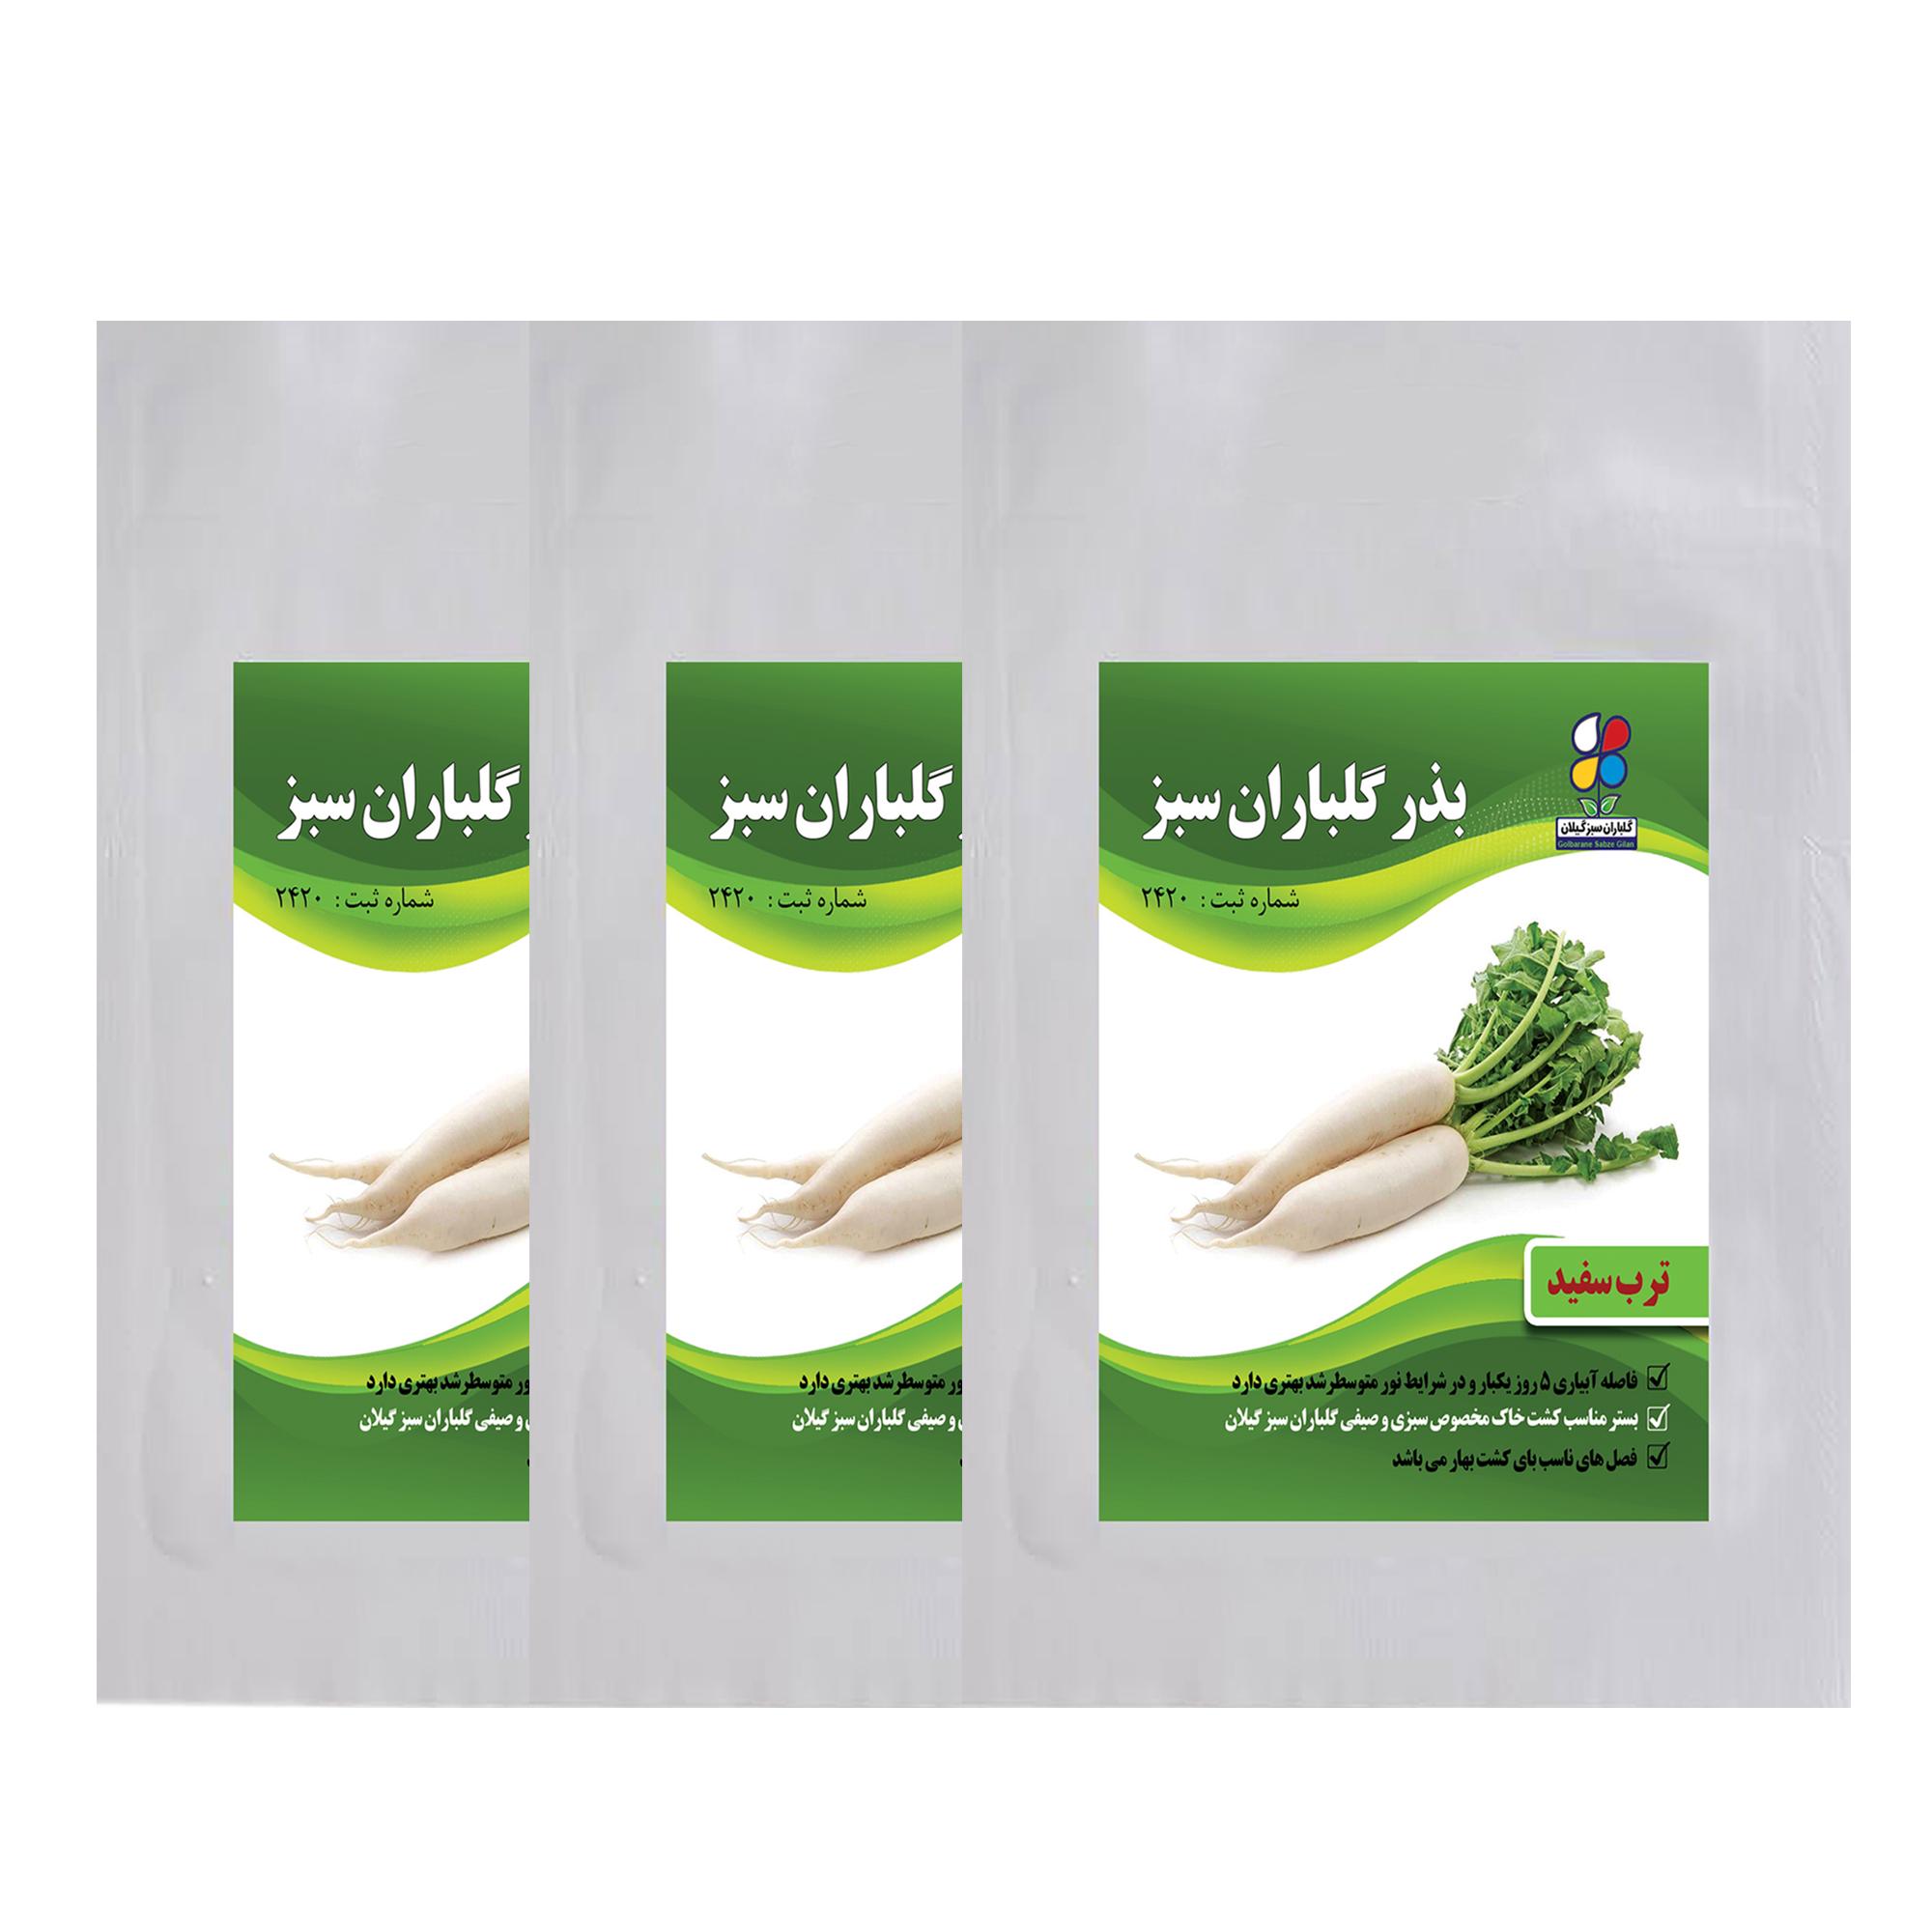 : مجموعه بذر ترب سفید گلباران سبز مدل 3 عددی TS3